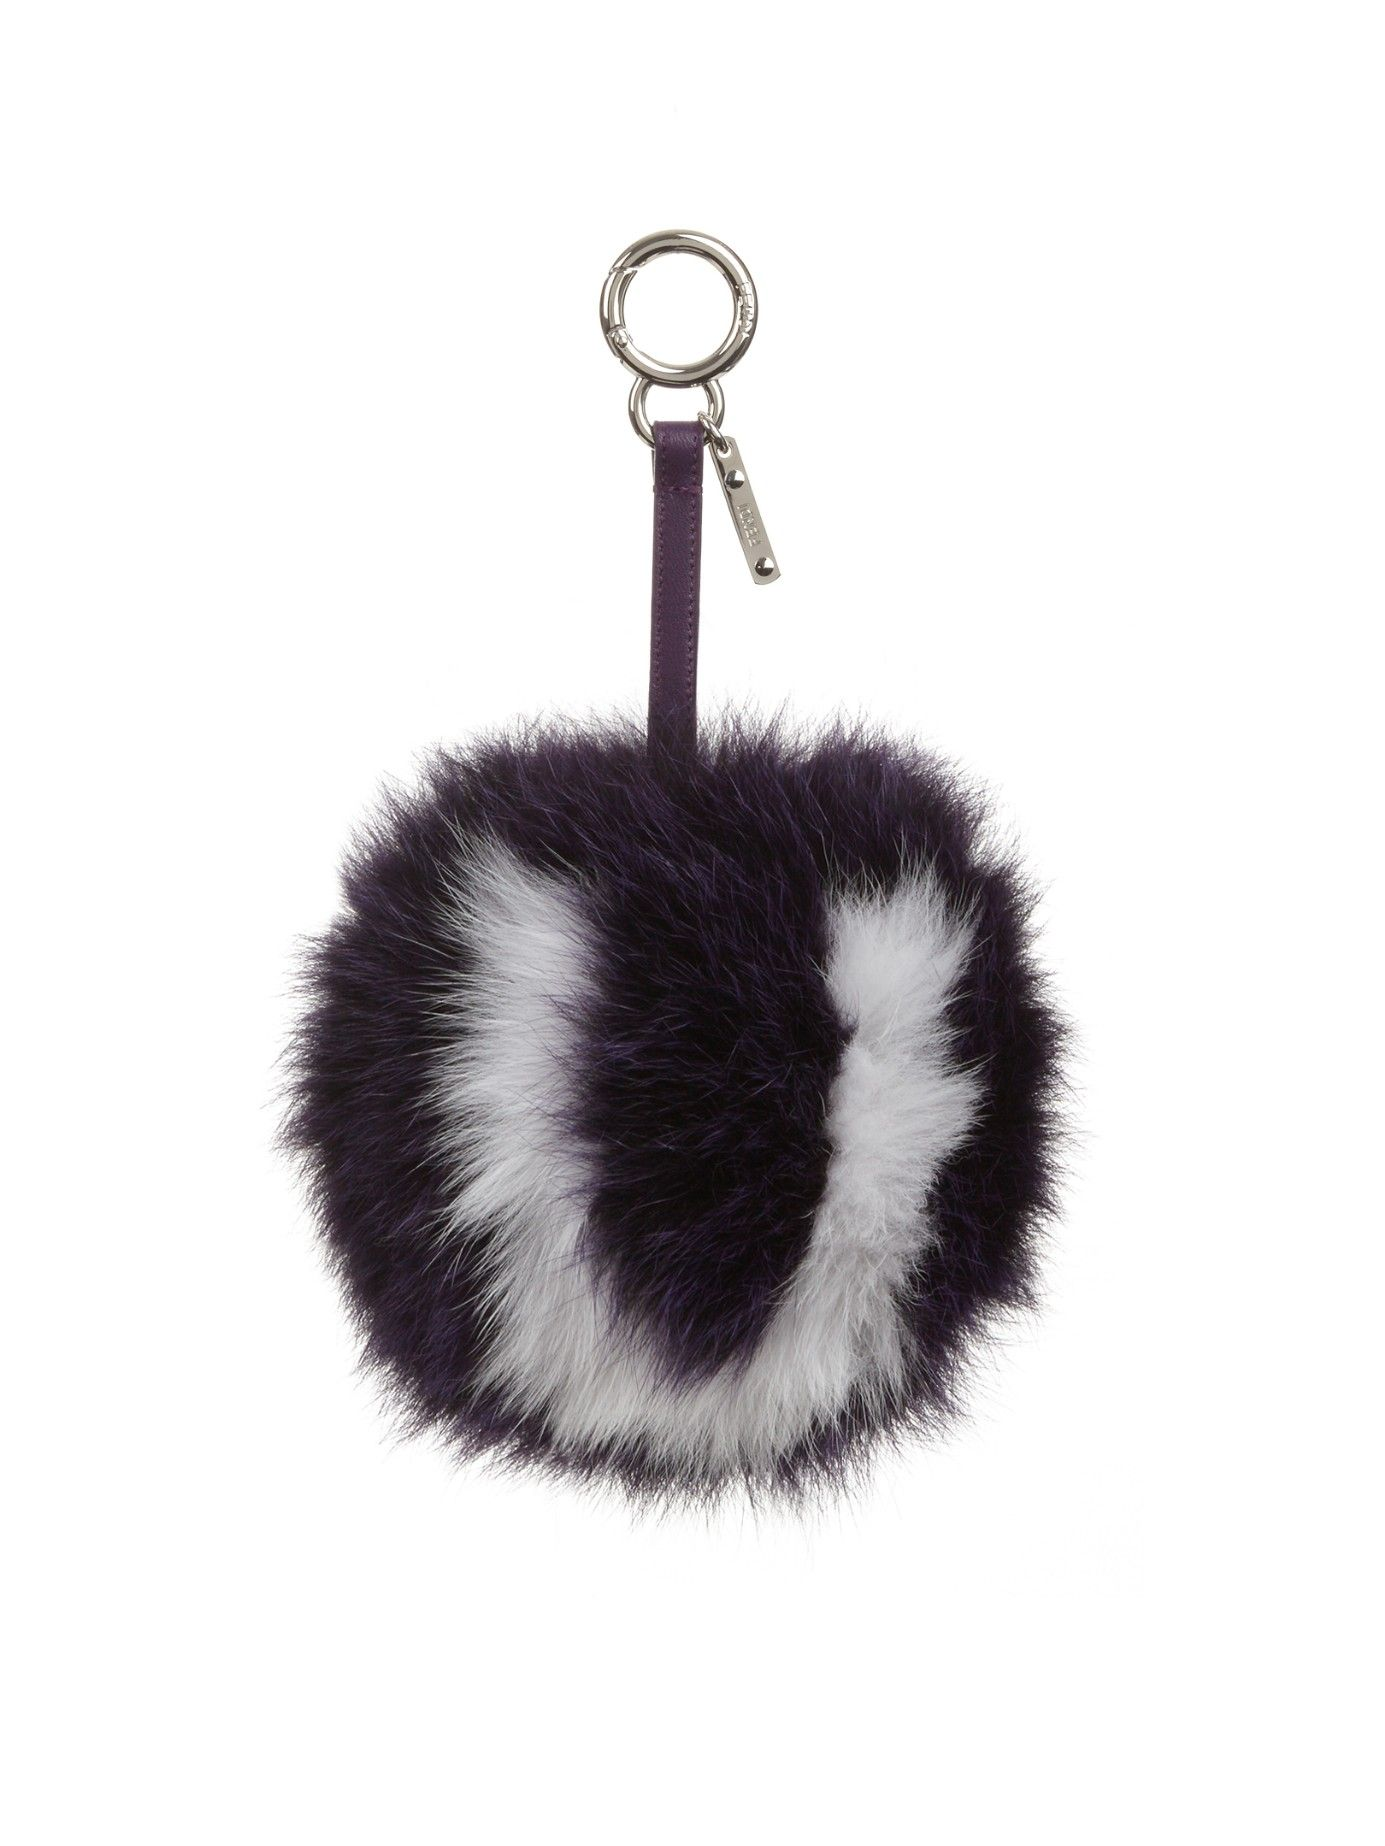 24eaeed9a8c1a U-letter pompom fox-fur bag charm | Fendi key ring | unusual wallets ...